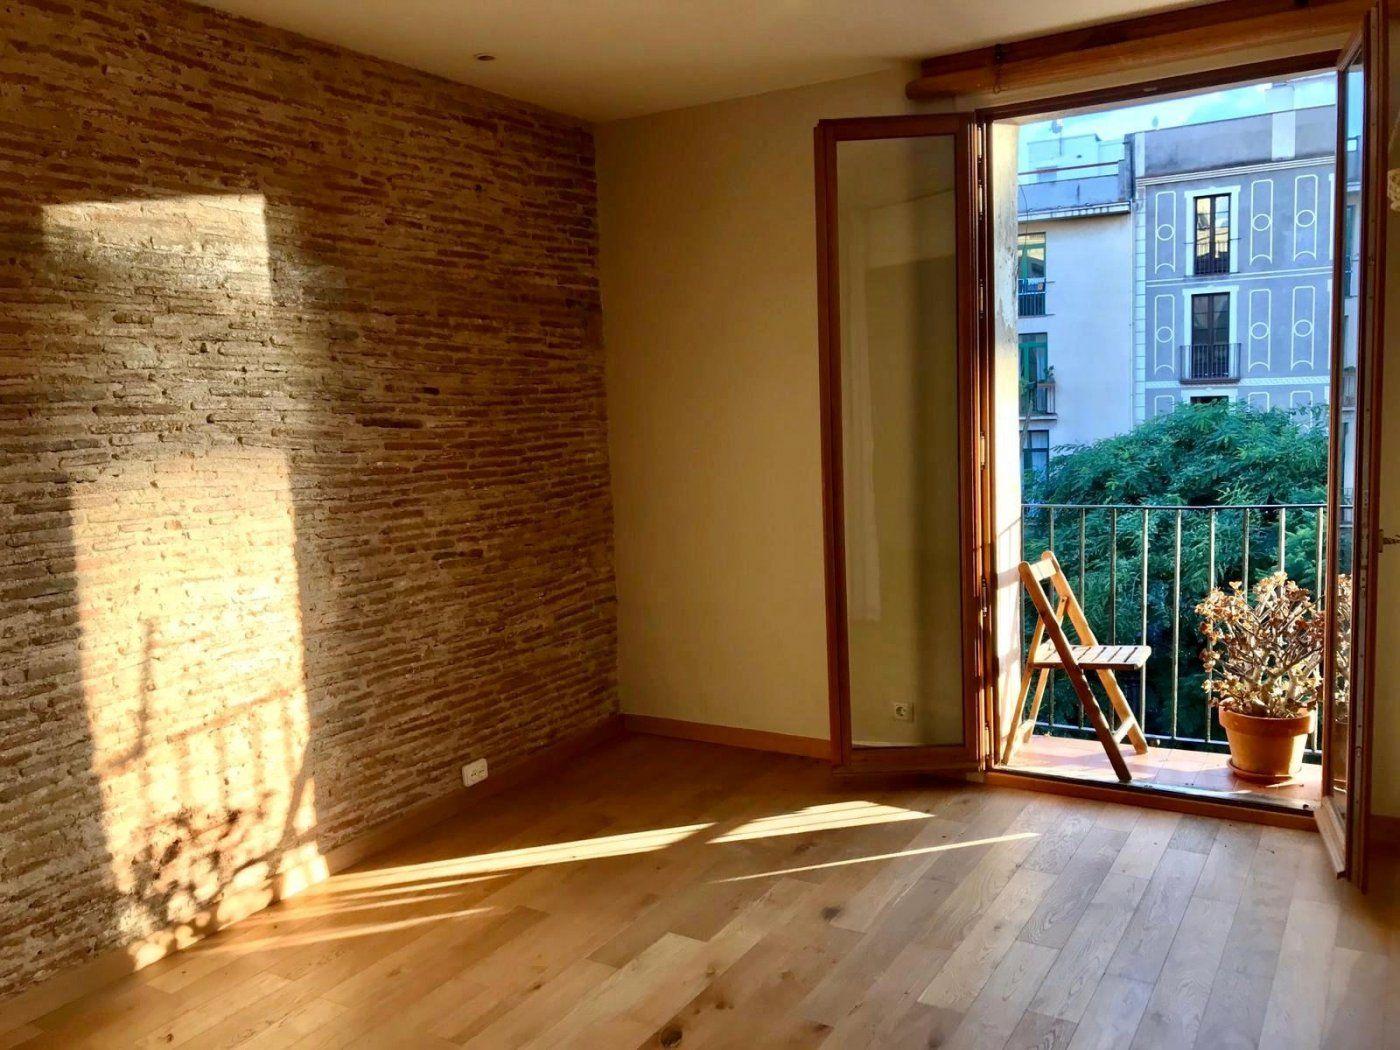 (Español) Estupendo piso muy luminoso y vista despejada en el corazón del Borne